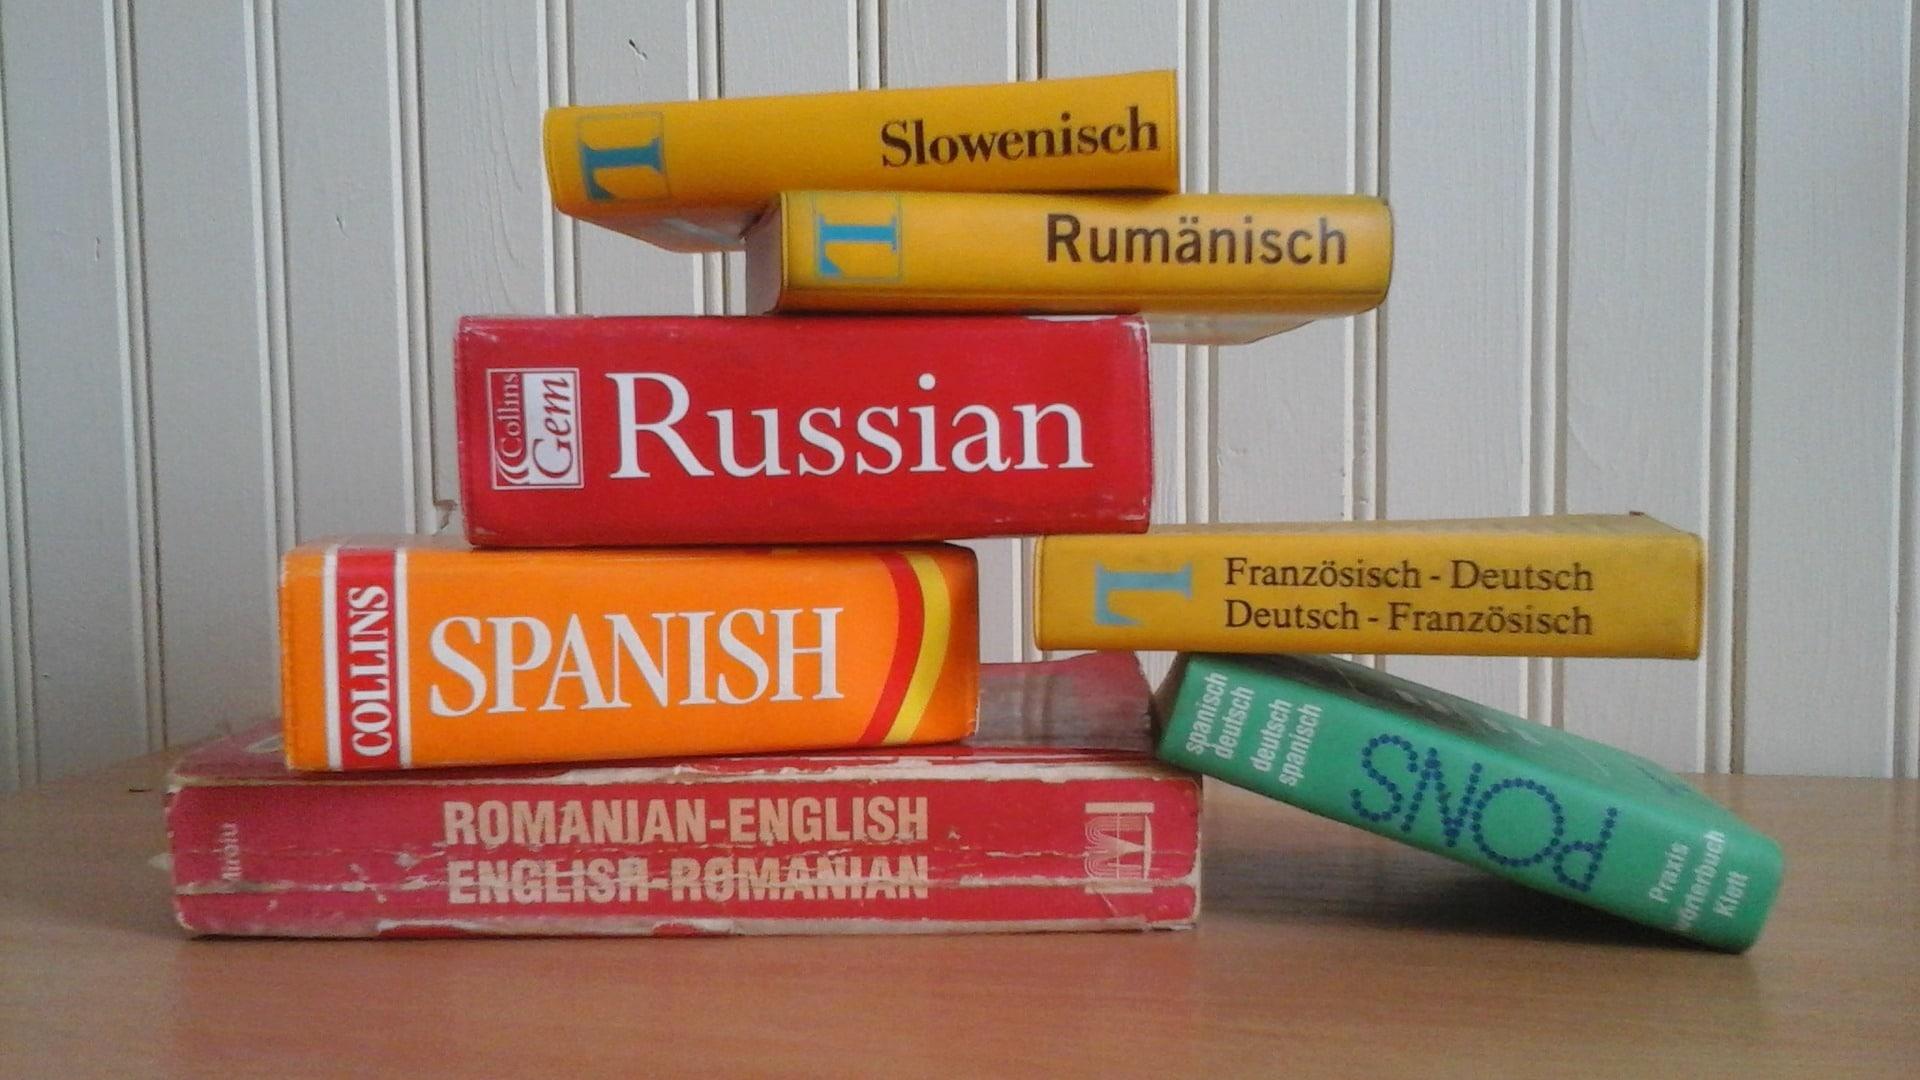 Wolltest du schon immer mal eine neue Sprache lernen? Dann fang doch gleich heute damit an!